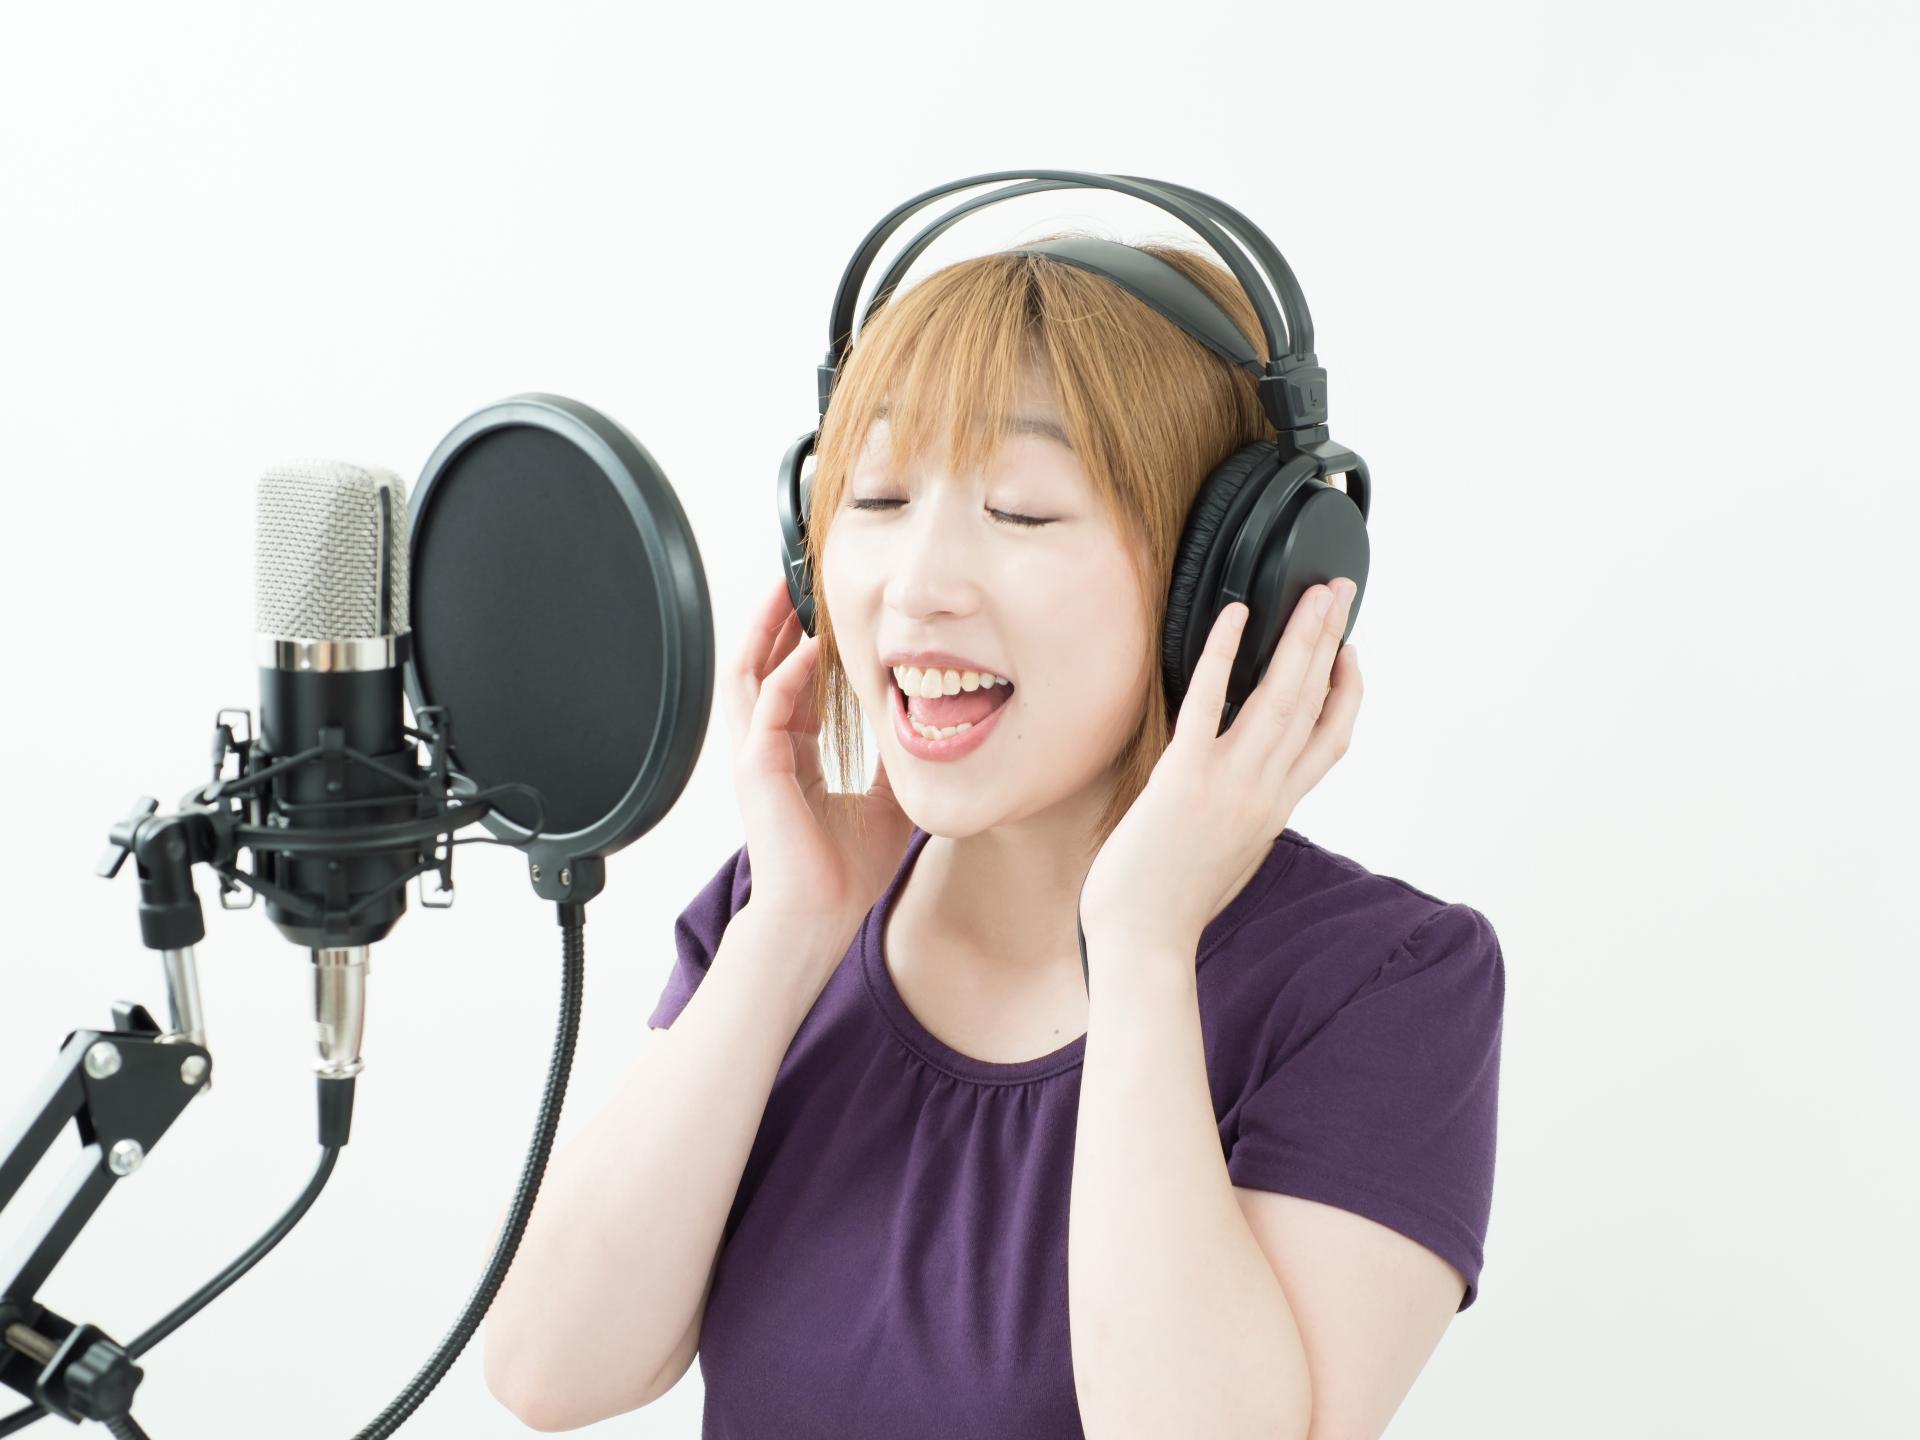 女性の低い声の出し方は?練習すれば低い声が出せるようになる!